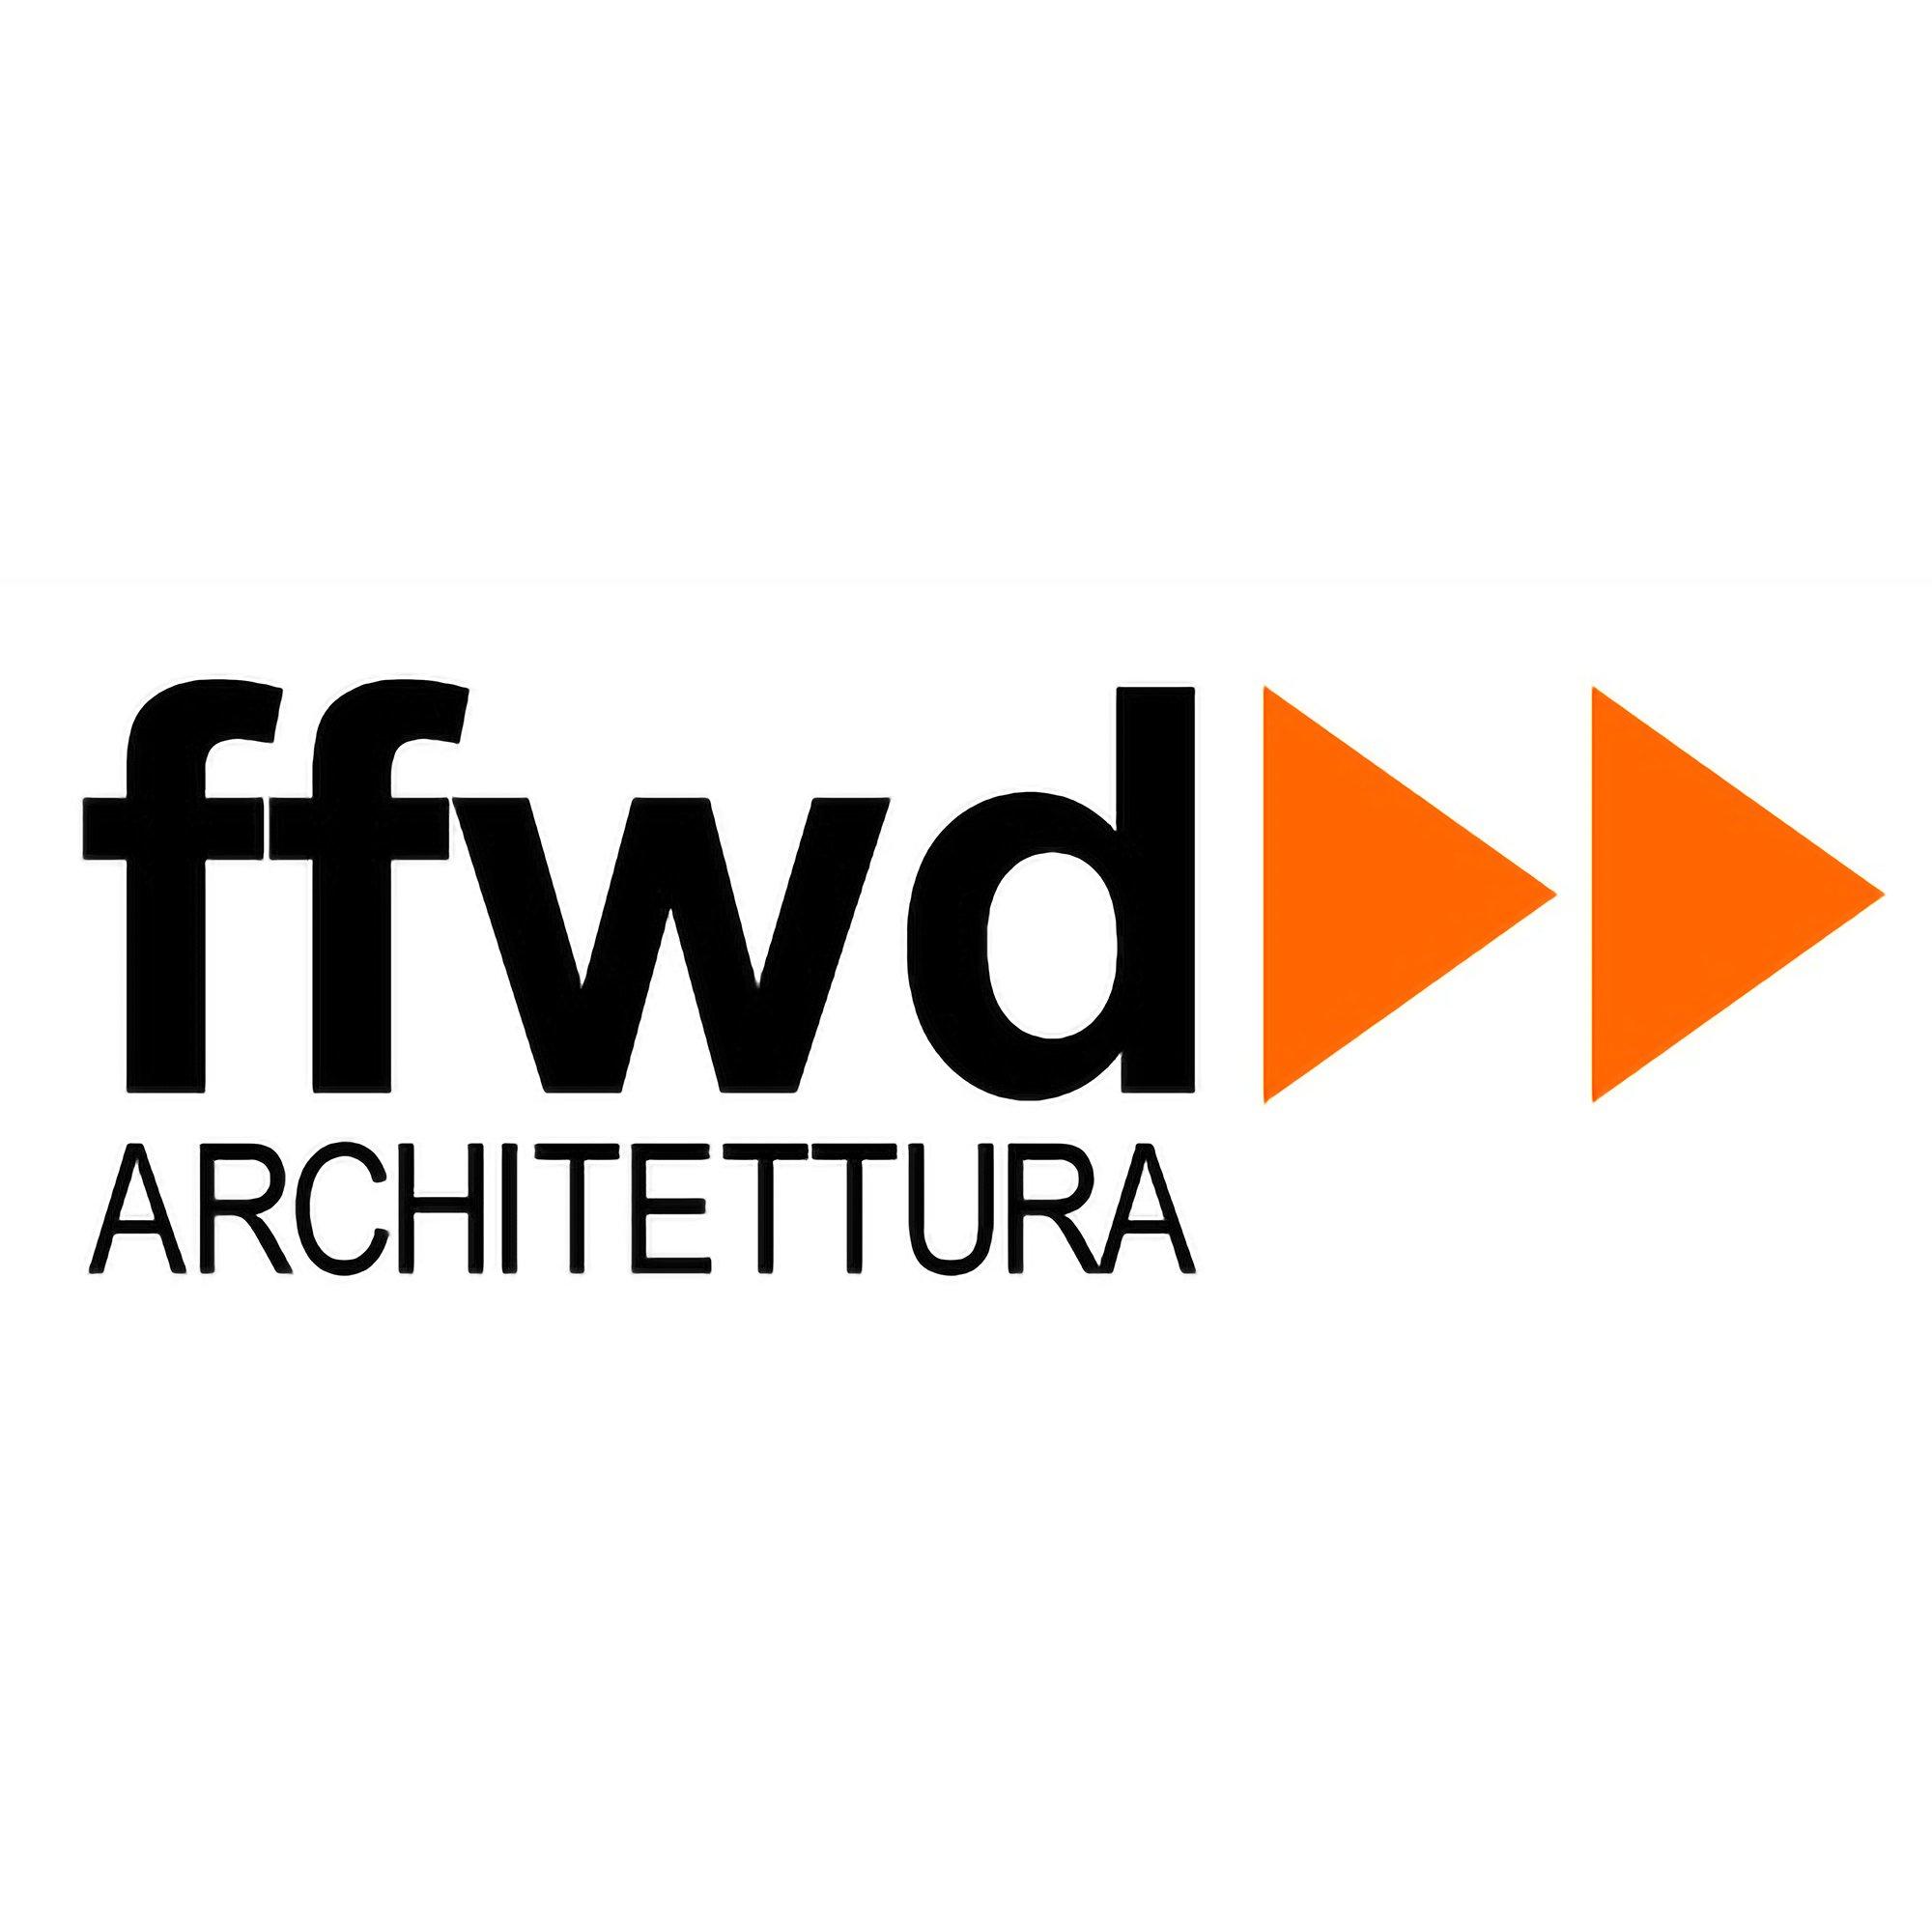 FFWD - Architettura